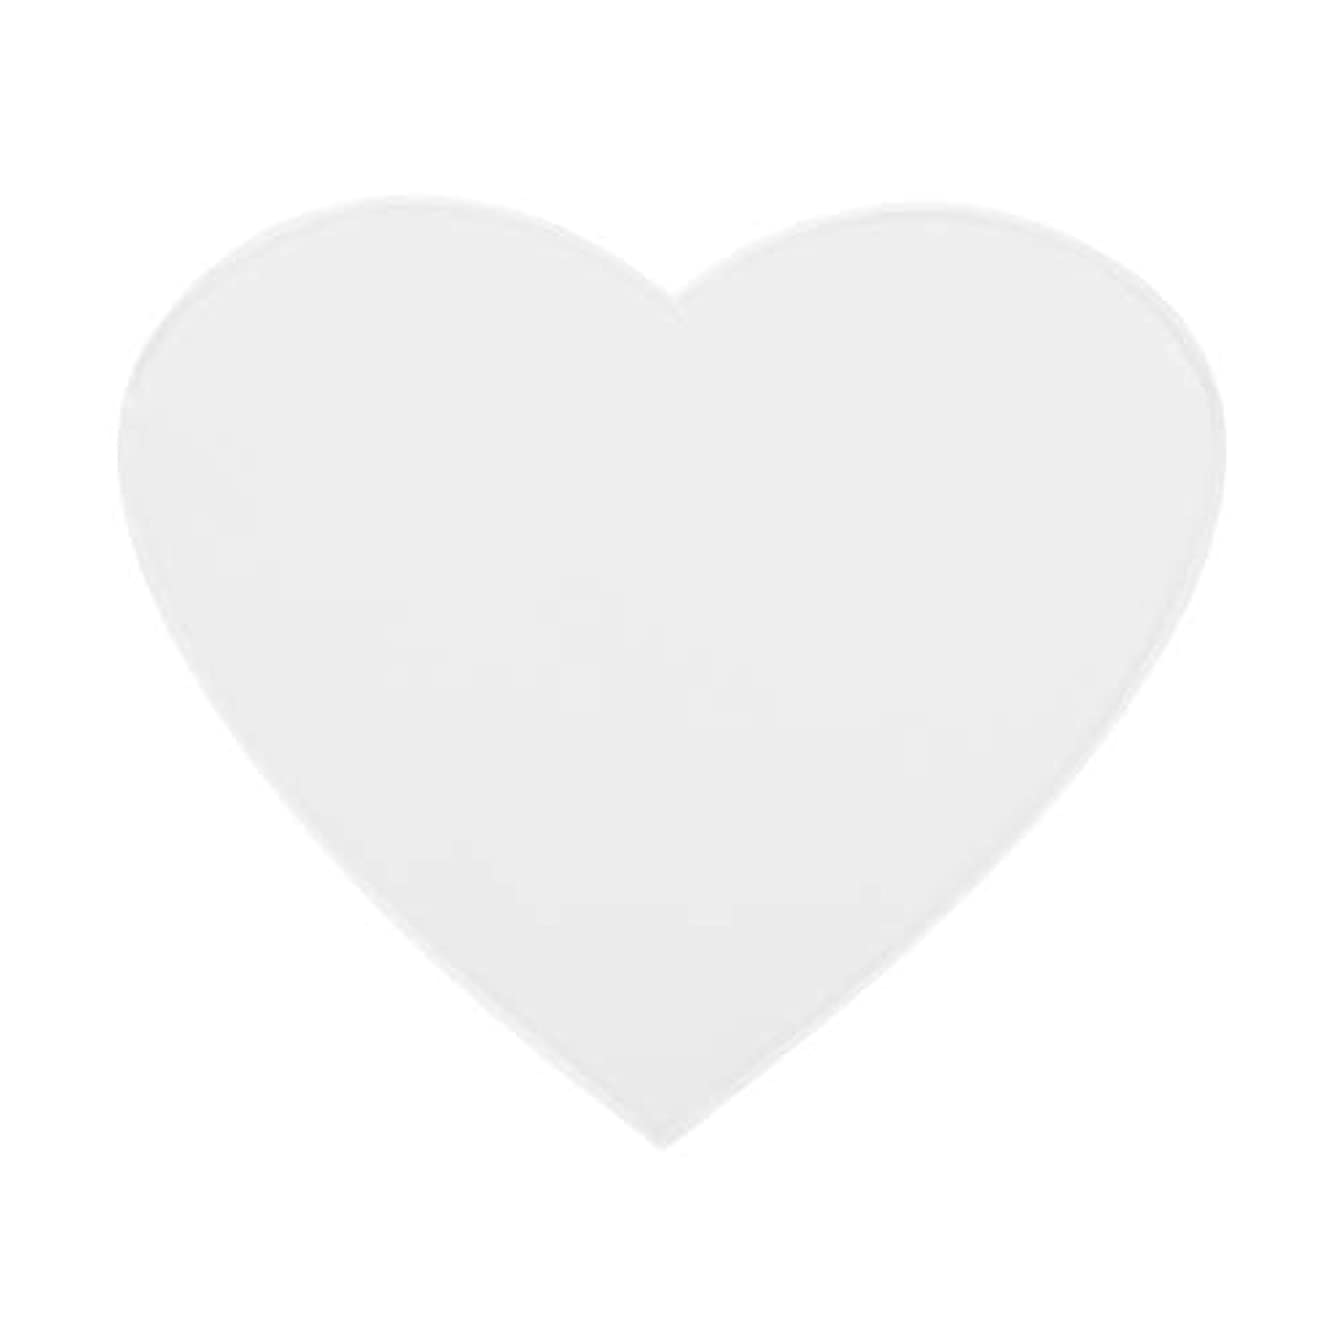 チャネルコンピューターゲームをプレイするお風呂アンチリンクルシリコンチェストパッドケア再利用可能パッド(心臓)